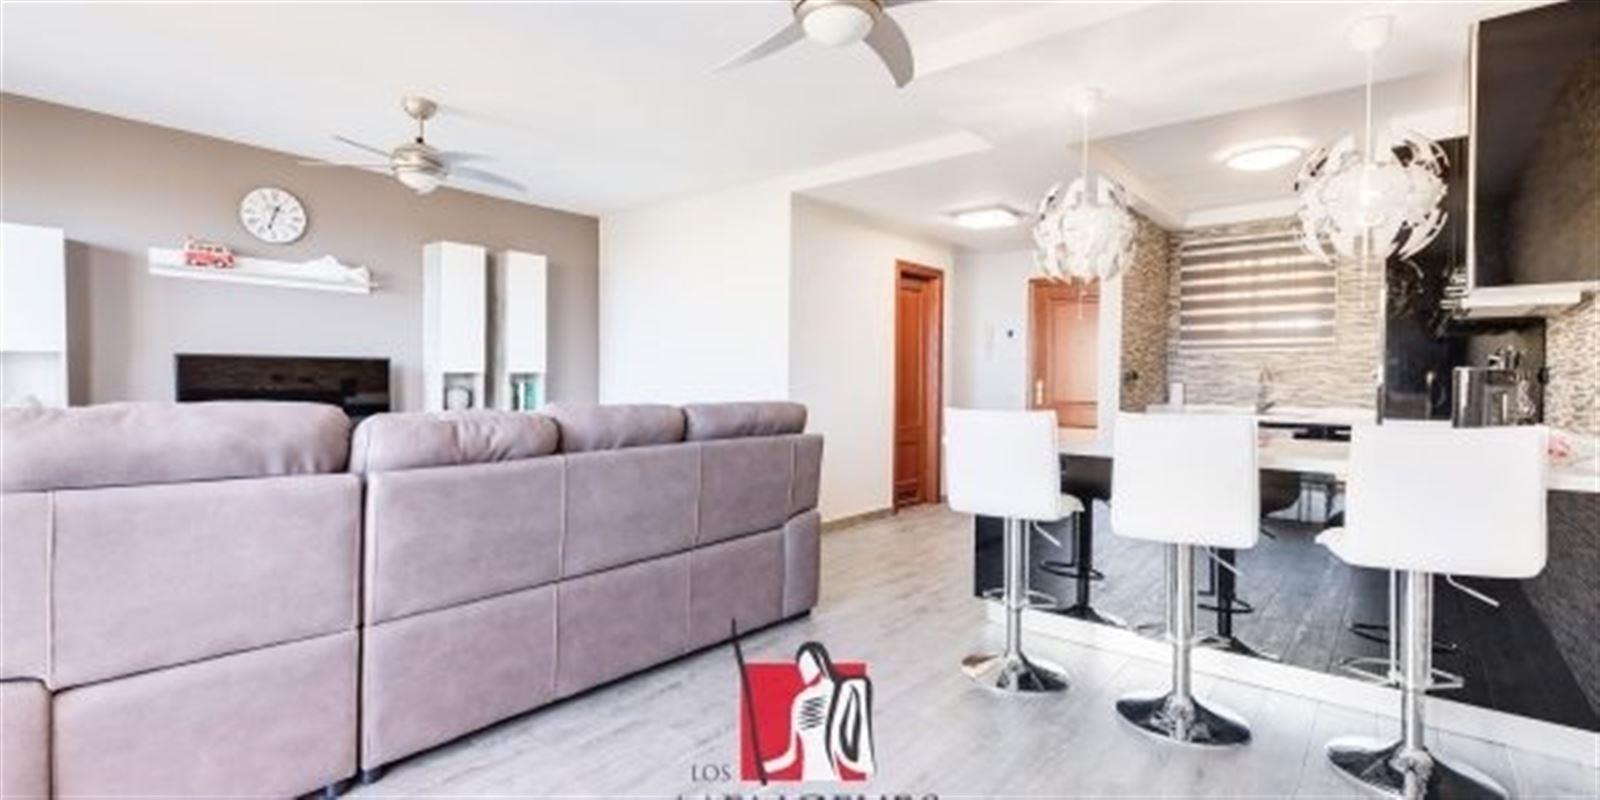 Foto 3 : Appartement te 3680 MAASEIK (België) - Prijs € 315.000